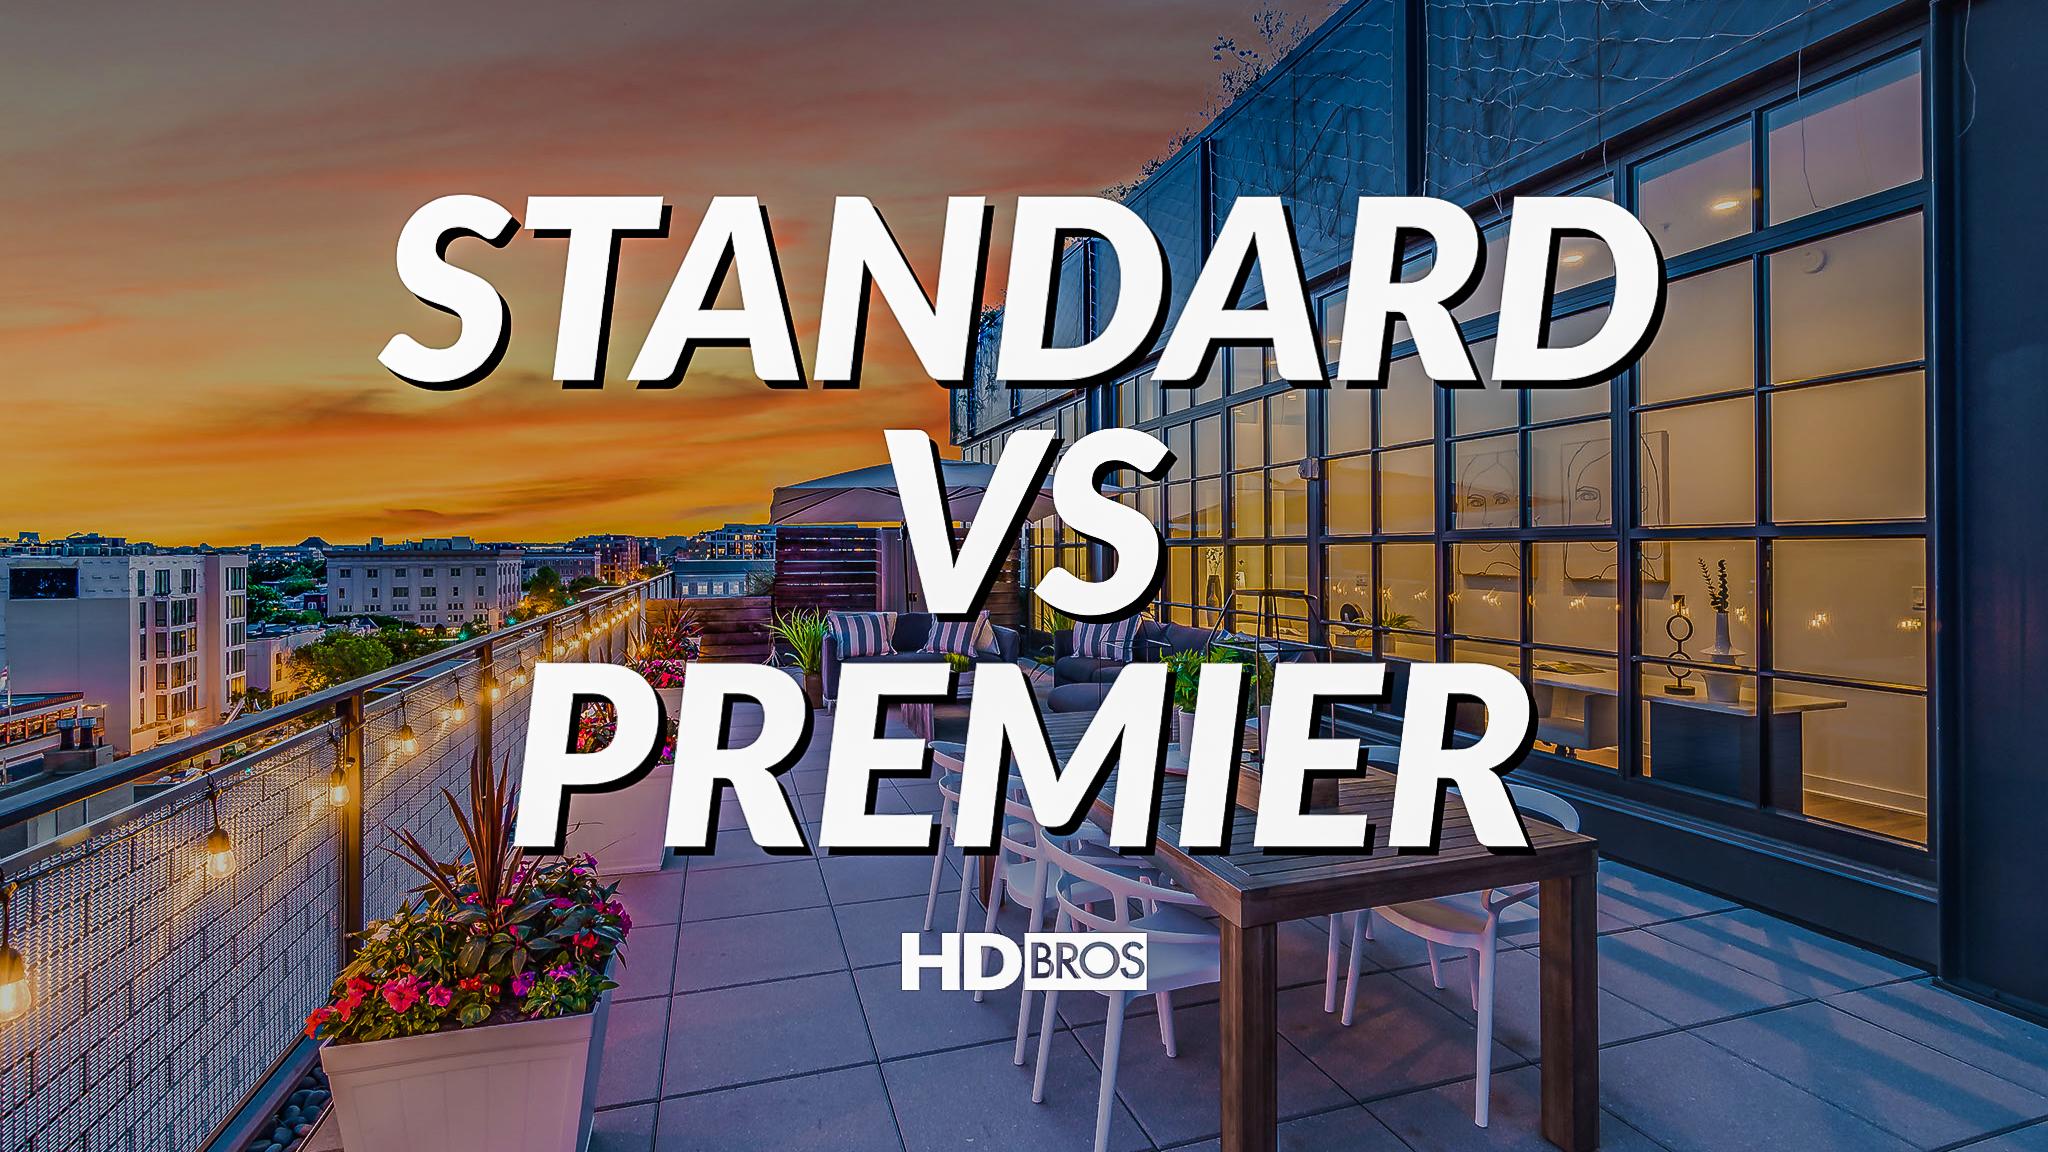 Standard vs Premier